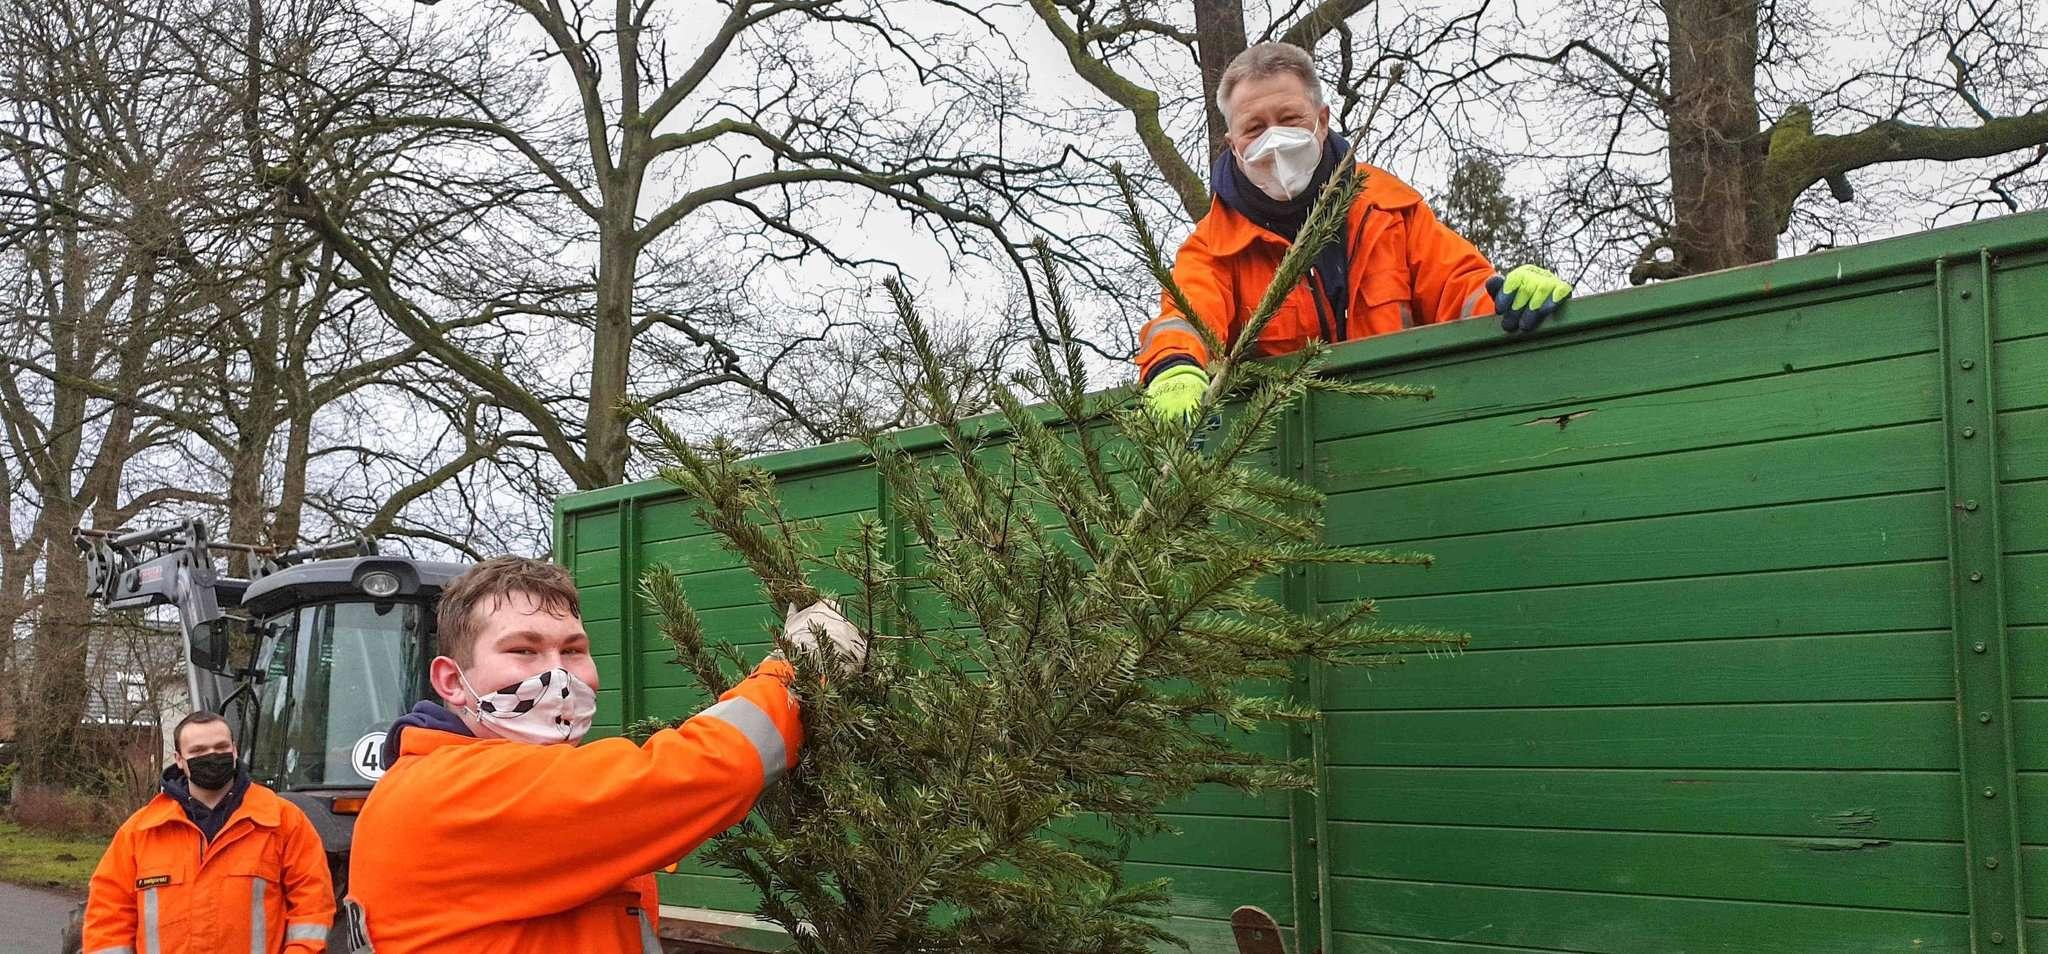 Die Feuerwehr sammelte die Tannenbäume ein u2013 unter Einhaltung der Corona-Richtlinien. Foto: Tobias Woelki